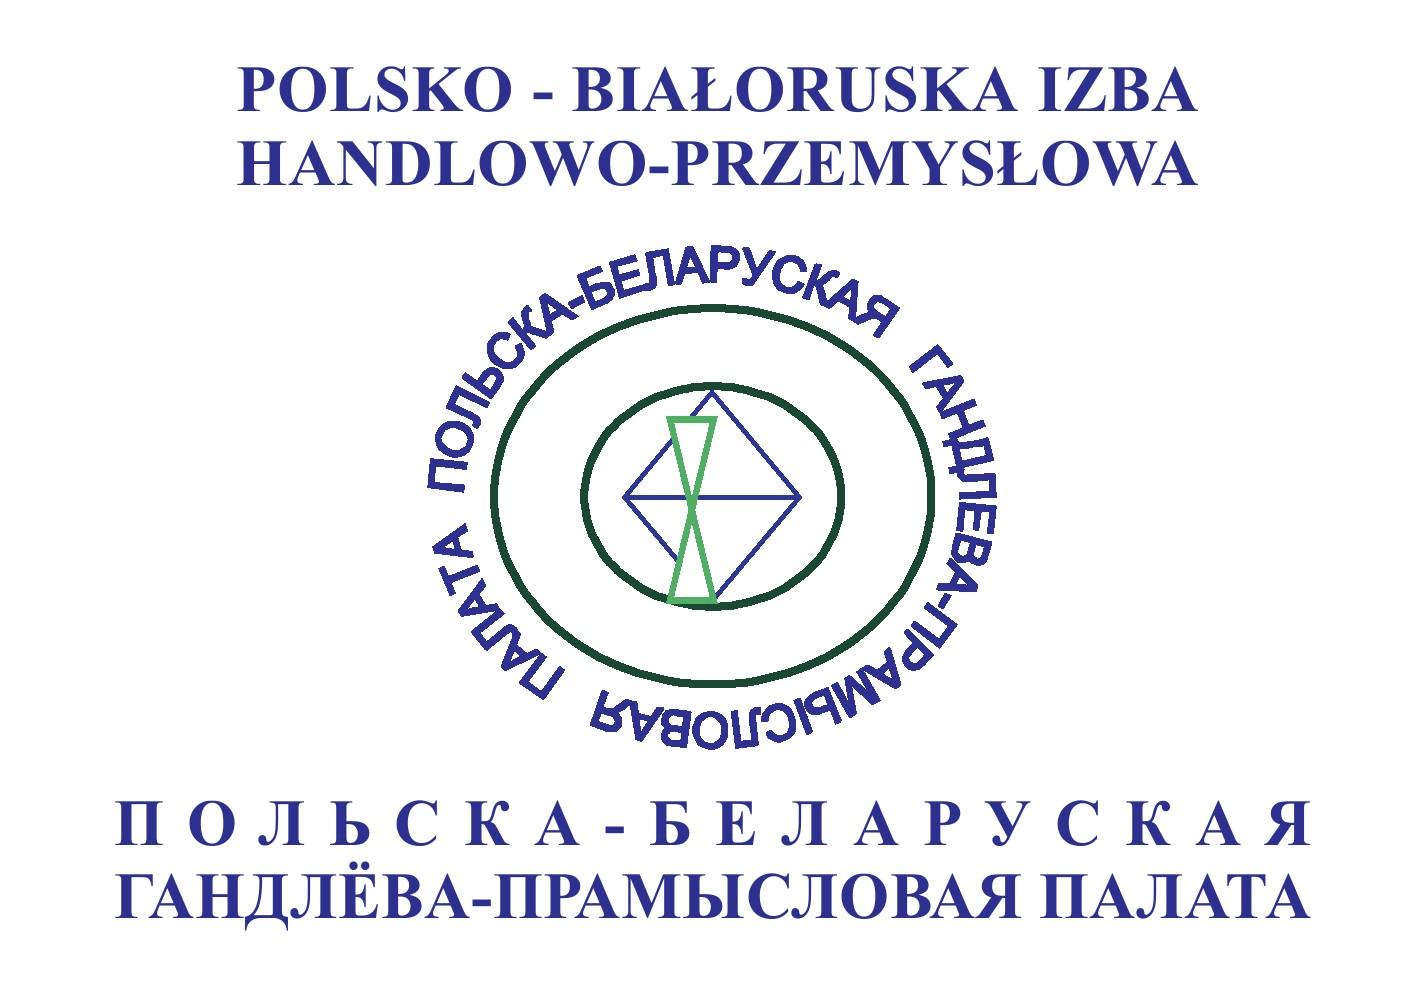 Logo Polsko-Białoruska izba Handlowo-Przemysłowa